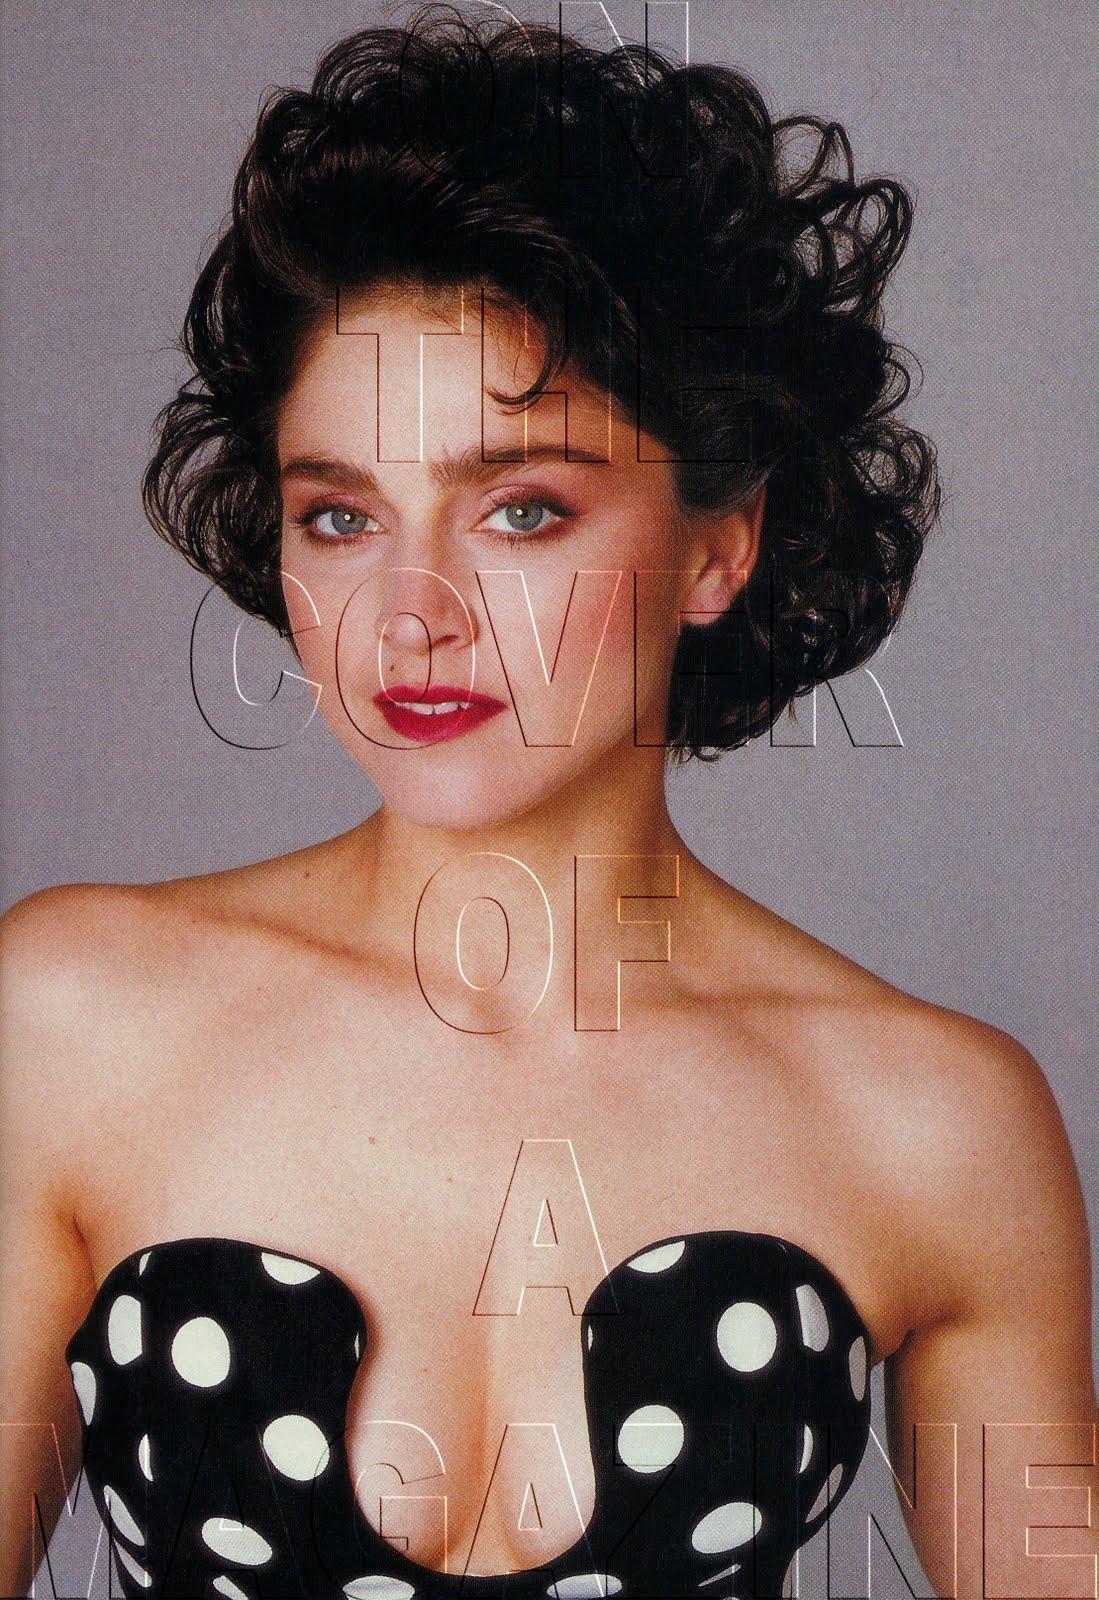 http://2.bp.blogspot.com/_eA7ZafYKvfU/Su6U74ma9vI/AAAAAAAACSs/Lb7xWT6aVIA/s1600/1988+Francesco+Scavullo+6+copy.jpg